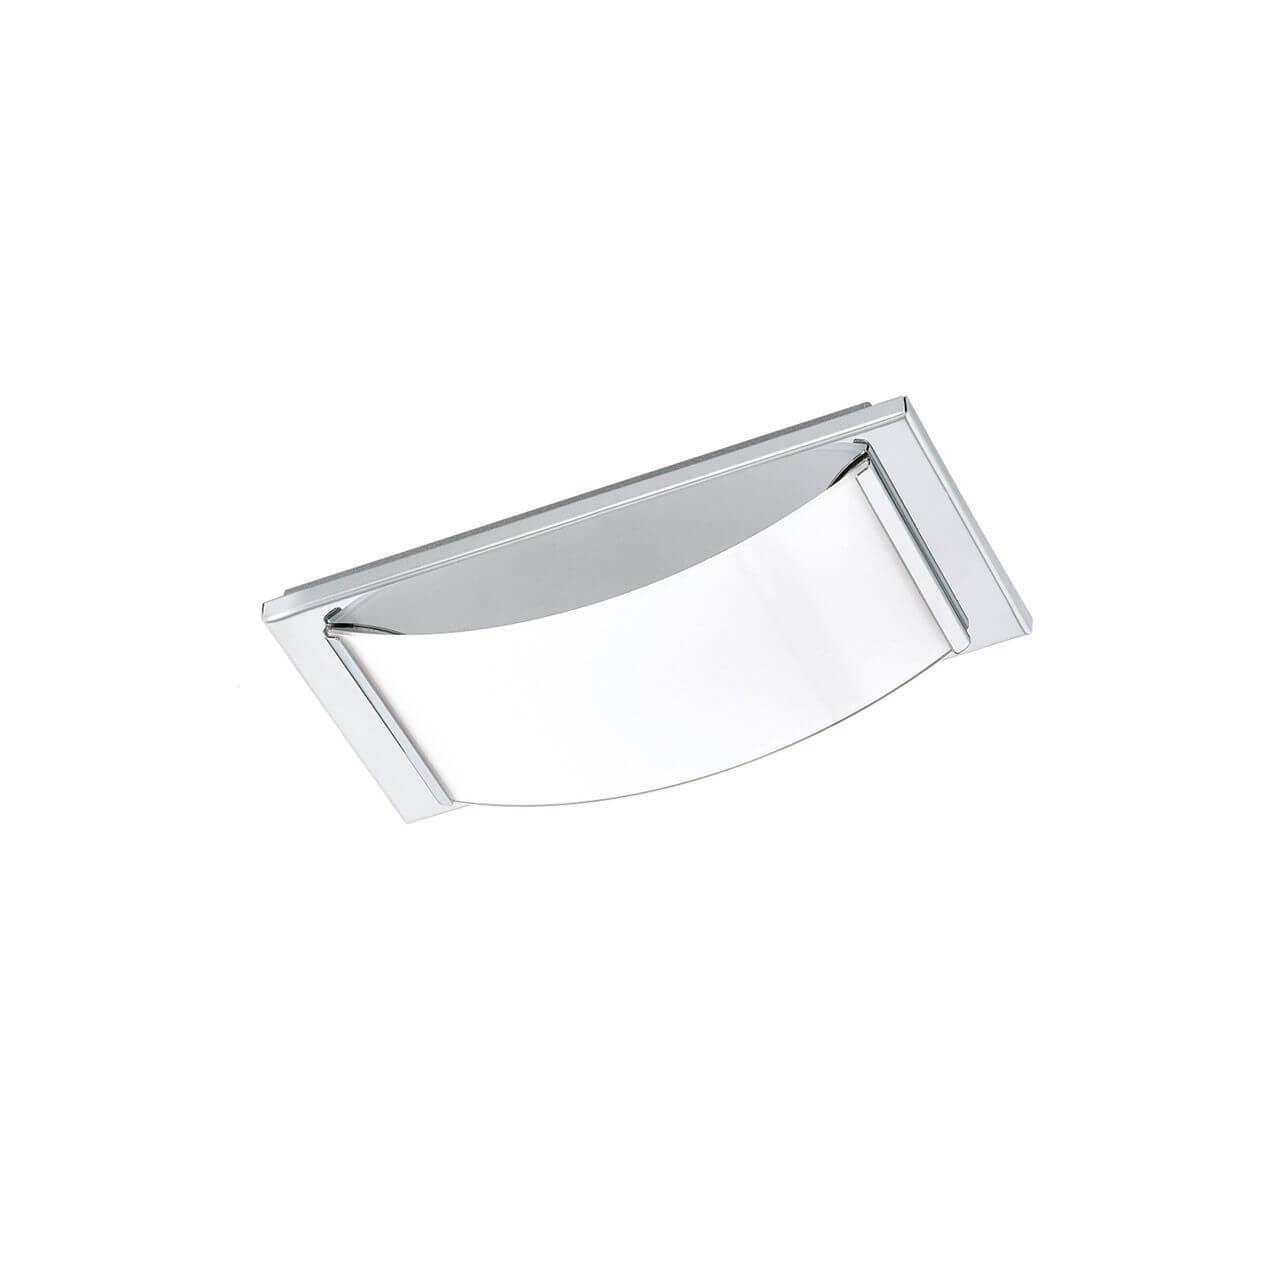 купить Накладной светильник Eglo 94881, LED, 5.4 Вт по цене 5090 рублей